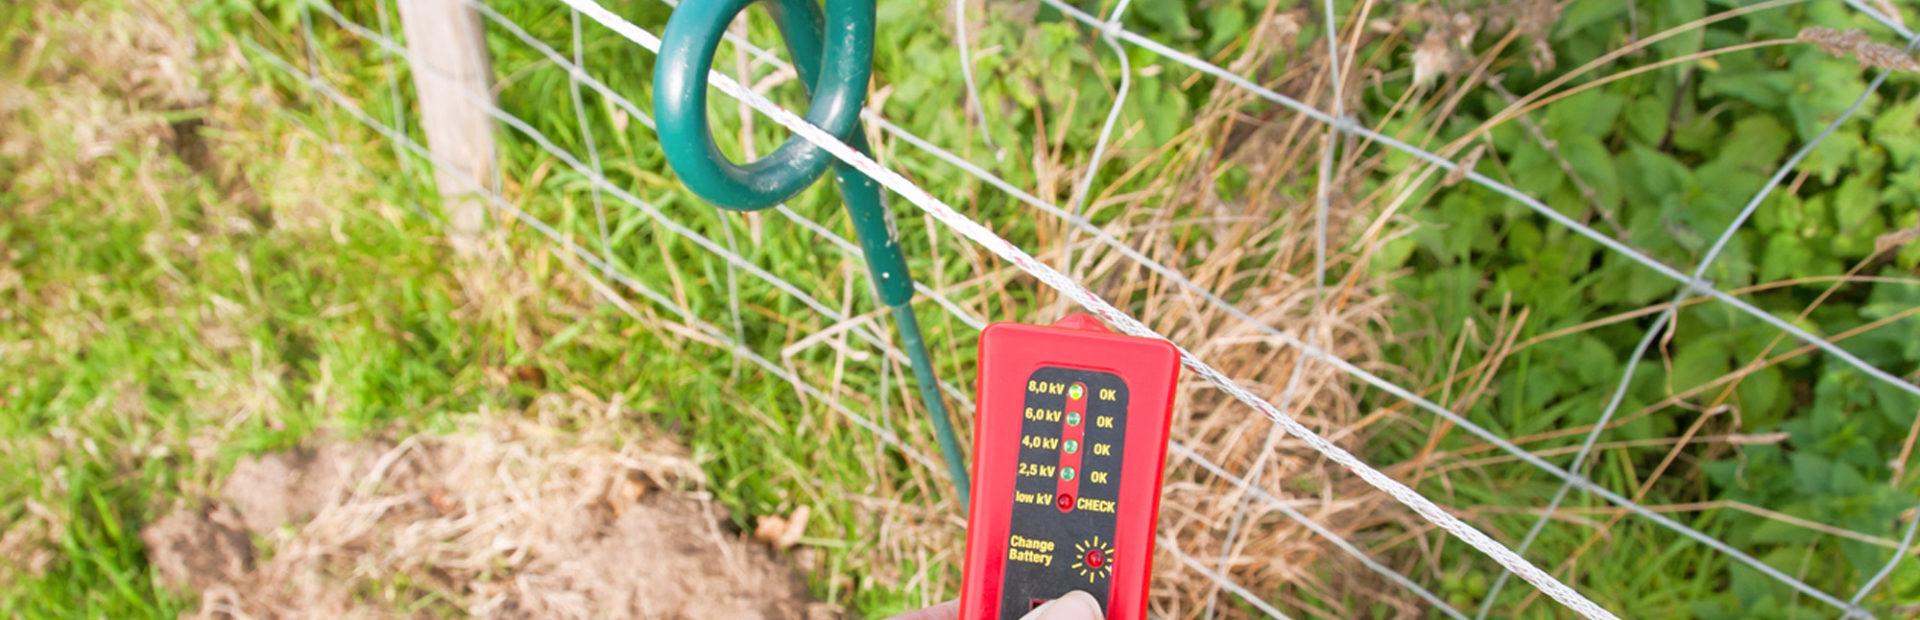 Protéger les animaux: comment choisir sa clôture électrique ?